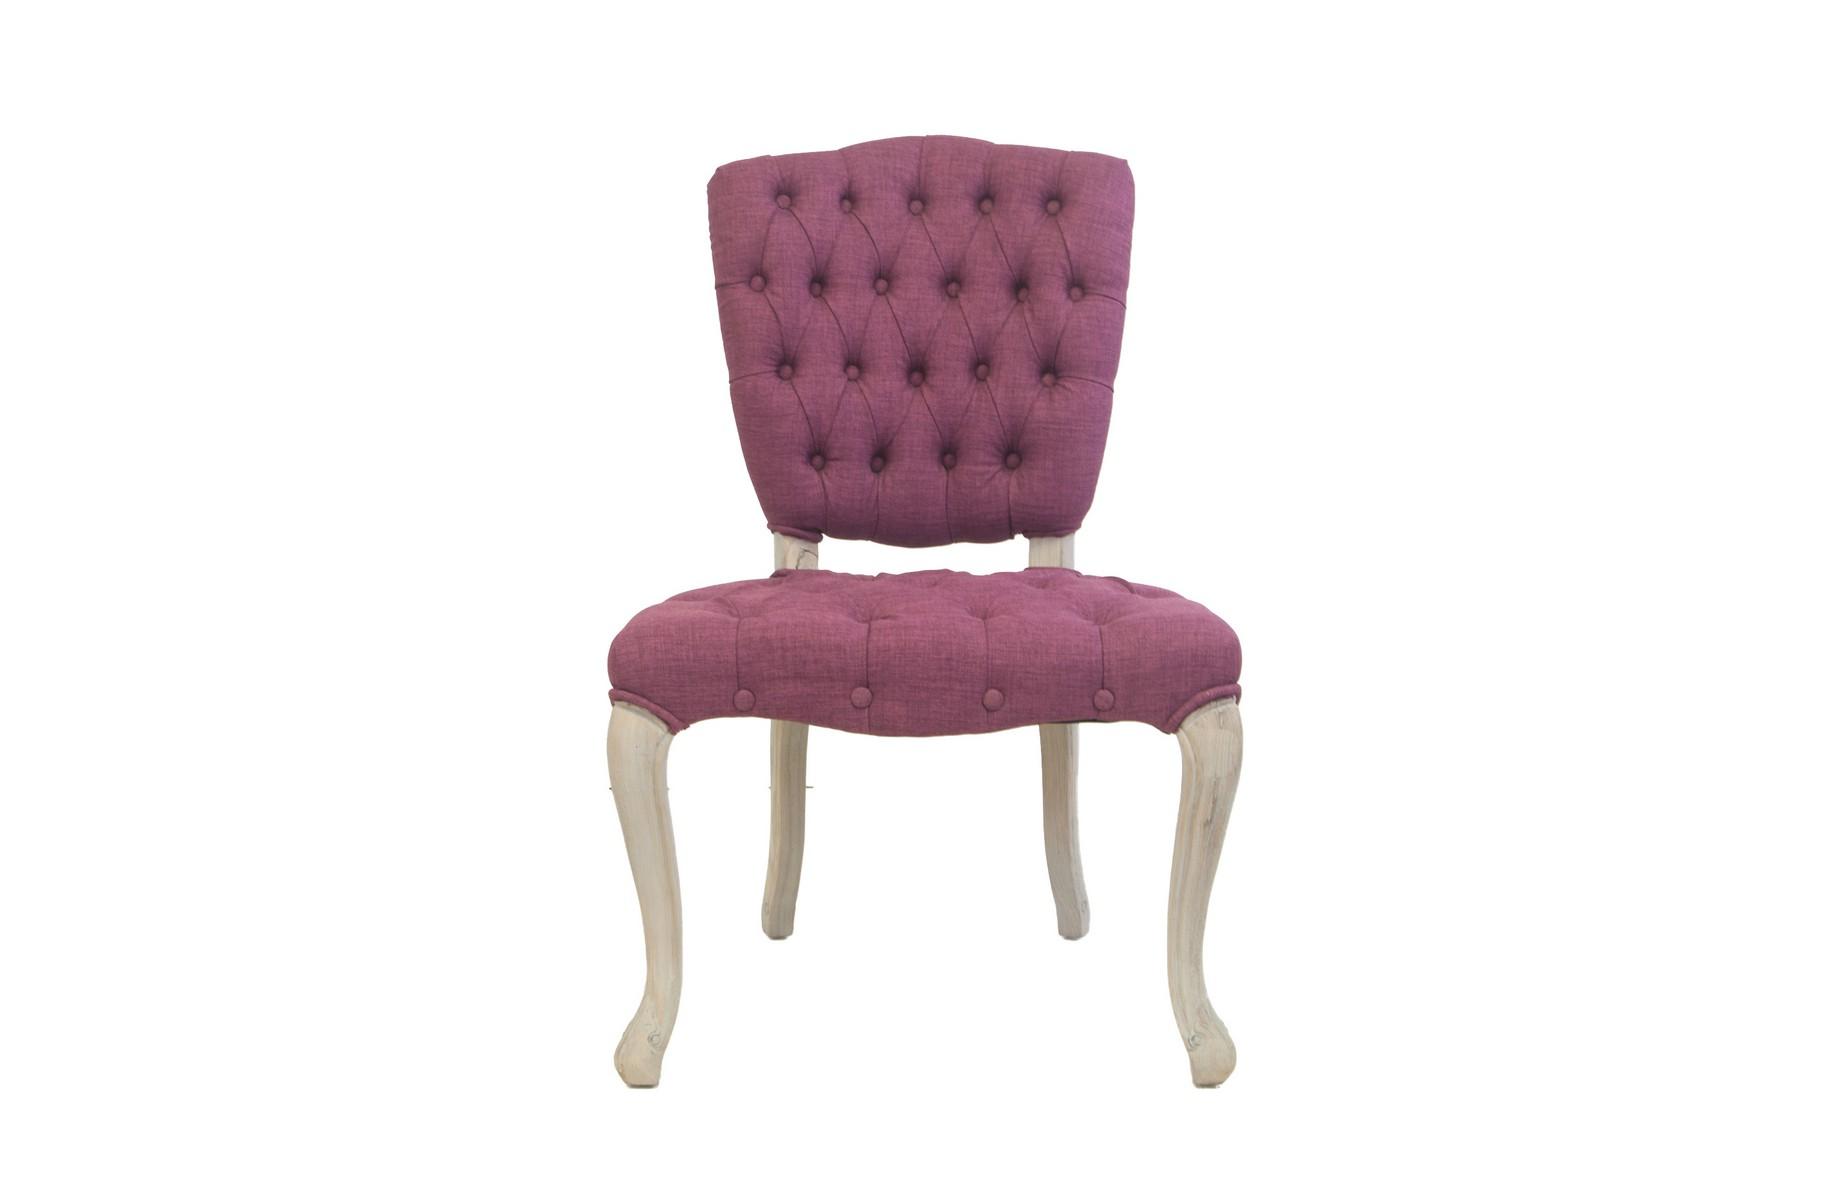 Стул Gamila violetОбеденные стулья<br>Классическая модель, дань уважения французским традициям. Эта модель так же удобна, как и элегантна. Спинка стула украшена декоративной стежкой. Каркас выполнен из массива дуба. Стул станет как прекрасным дополнением к туалетному столику, так и отлично будет смотреться в кухне-столовой.&amp;lt;div&amp;gt;&amp;lt;br&amp;gt;&amp;lt;/div&amp;gt;&amp;lt;div&amp;gt;Материалы: лен, массив дуба&amp;lt;/div&amp;gt;<br><br>Material: Дуб<br>Width см: 61<br>Depth см: 60<br>Height см: 100